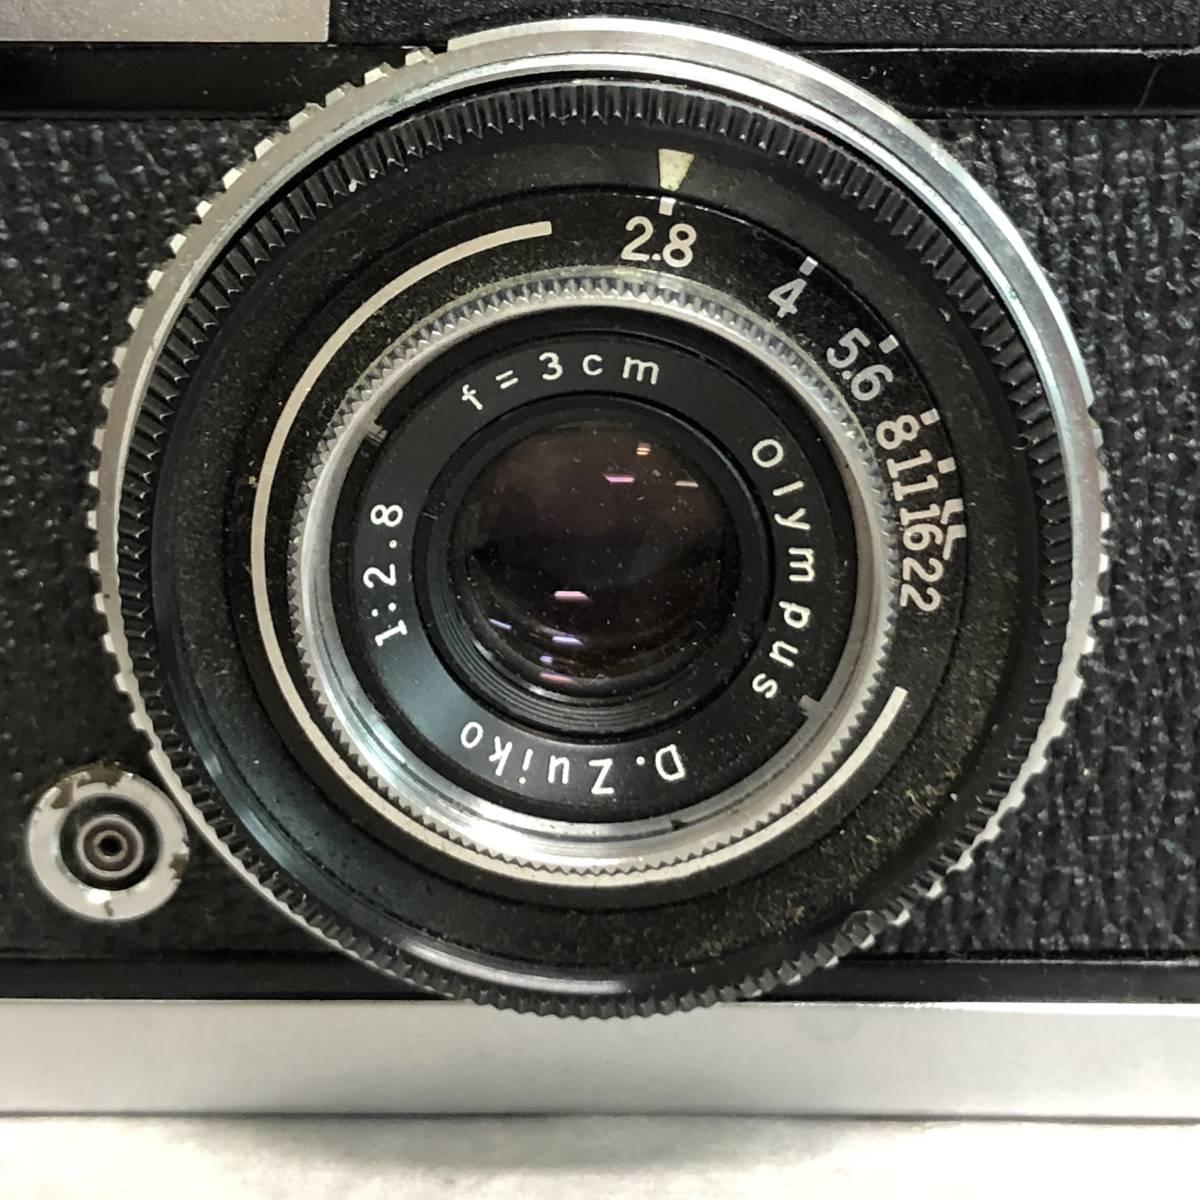 オリンパス PEN-S カメラ D.Zuiko 1:2.8 f=3cm 説明証 ケース 箱付 動作未確認 ジャンク品_画像8